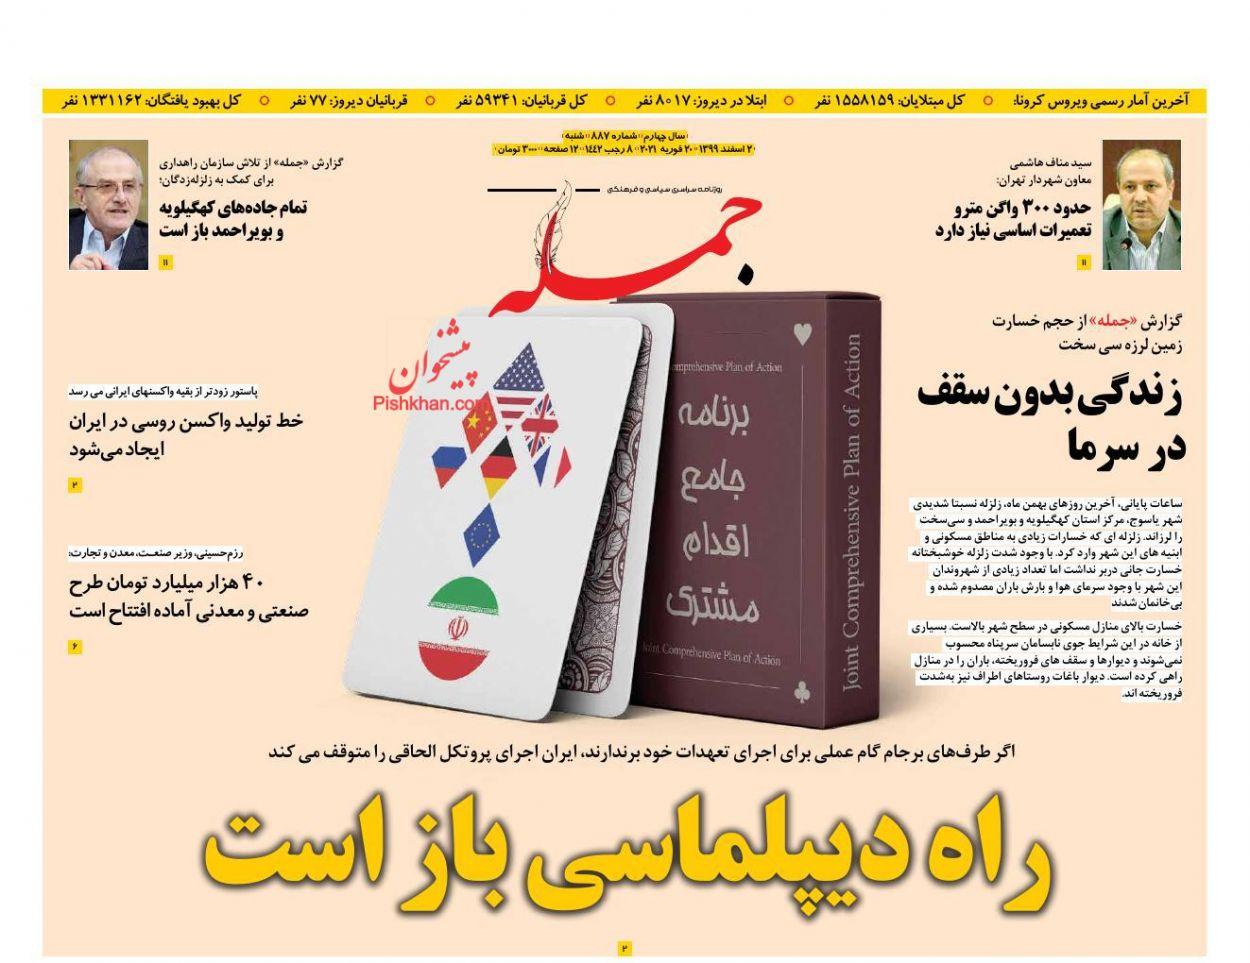 عناوین اخبار روزنامه جمله در روز شنبه ۲ اسفند